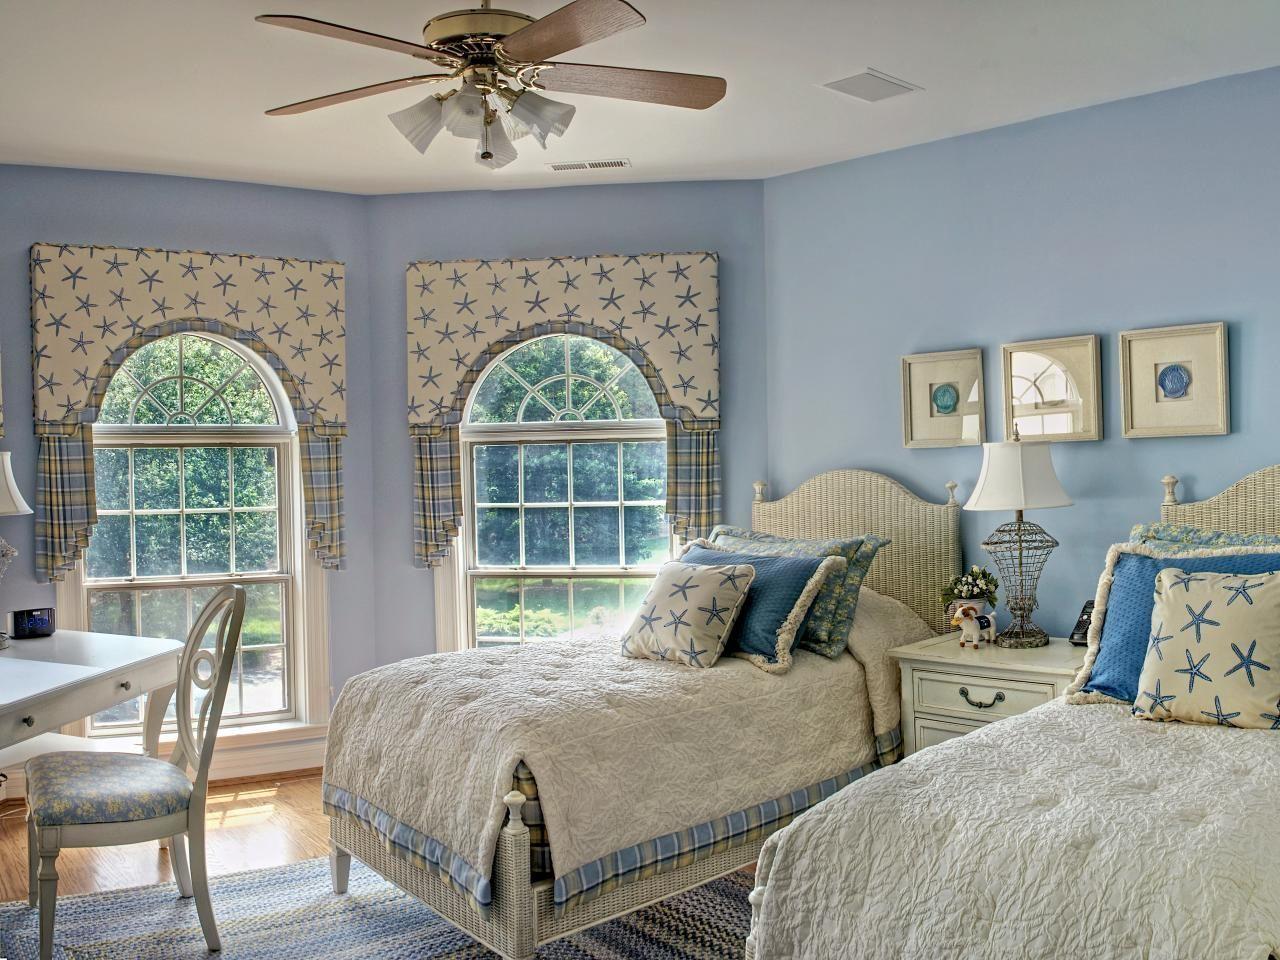 bedrooms ideas 2019 2019 coastal bedroom decorating ideas - neutral interior paint colors check GNGCROQ